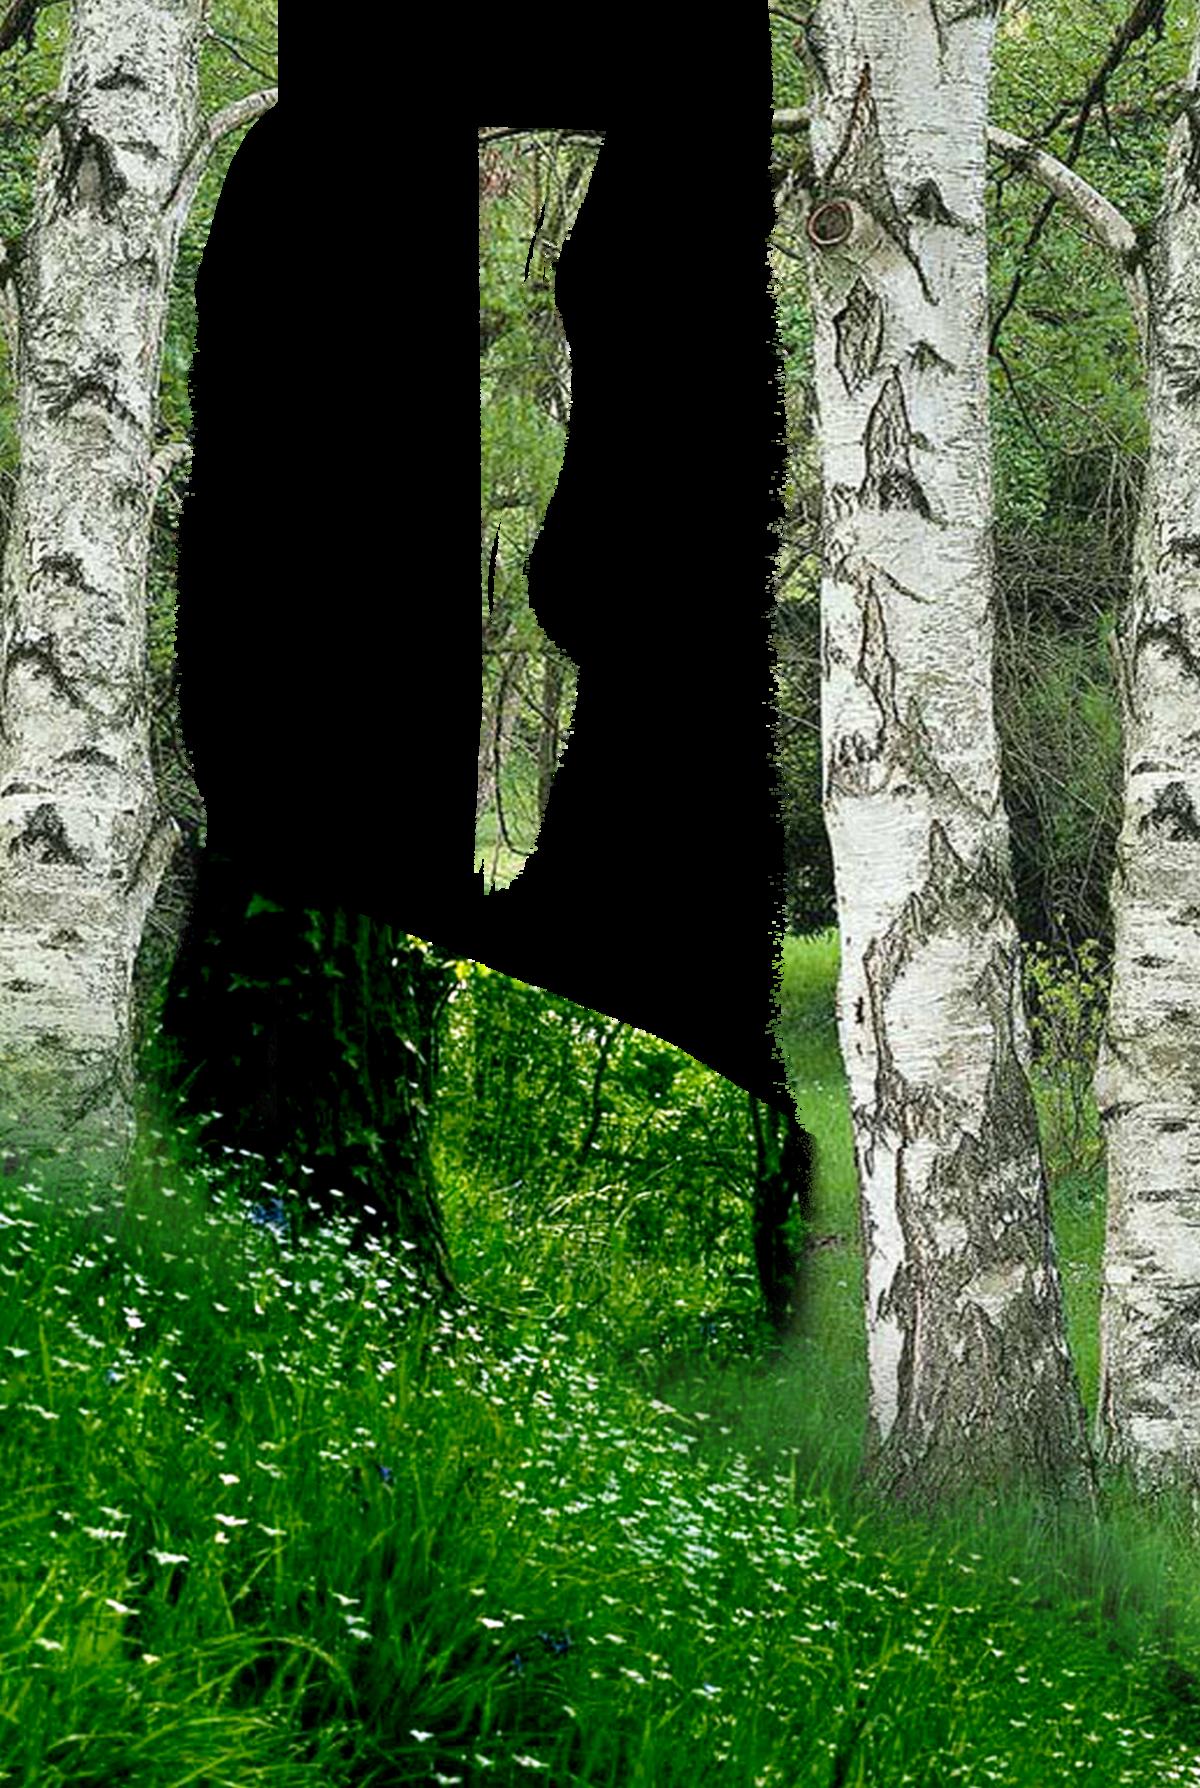 Фон леса для поздравления, картинки выставки как